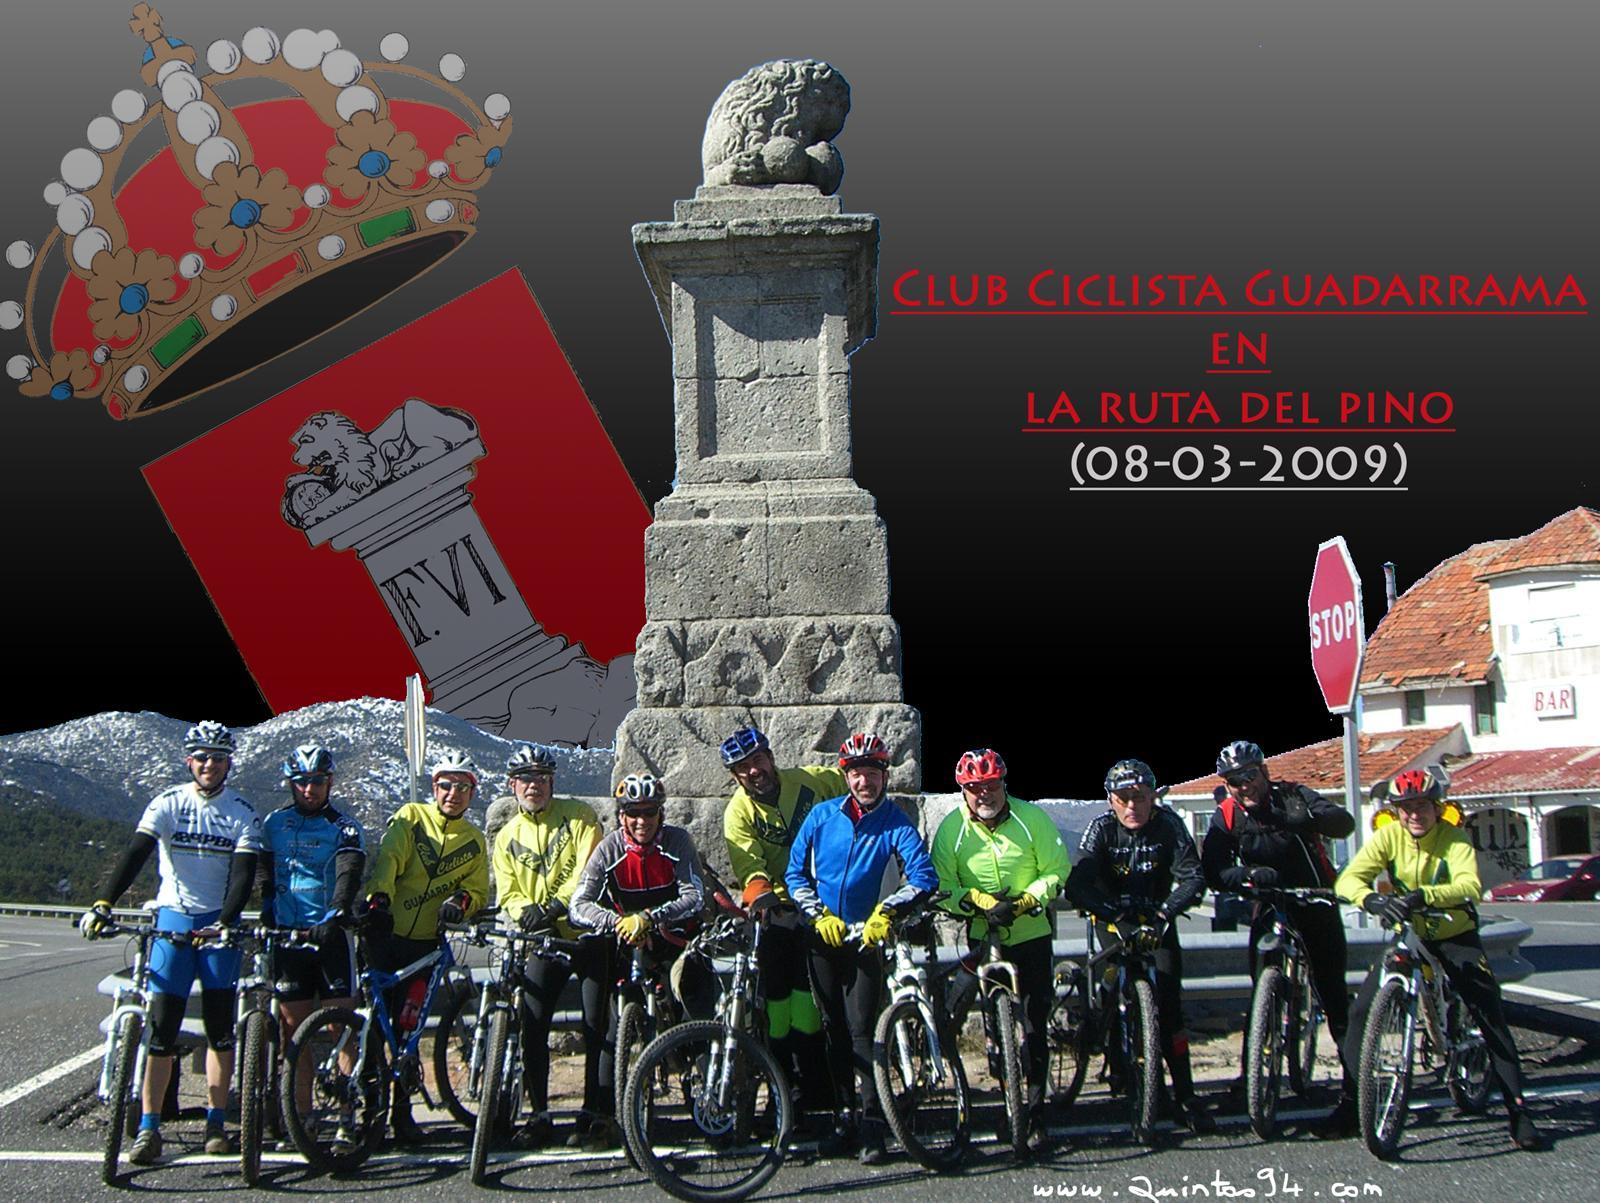 Club Ciclista Guadarrama en el Alto del León.